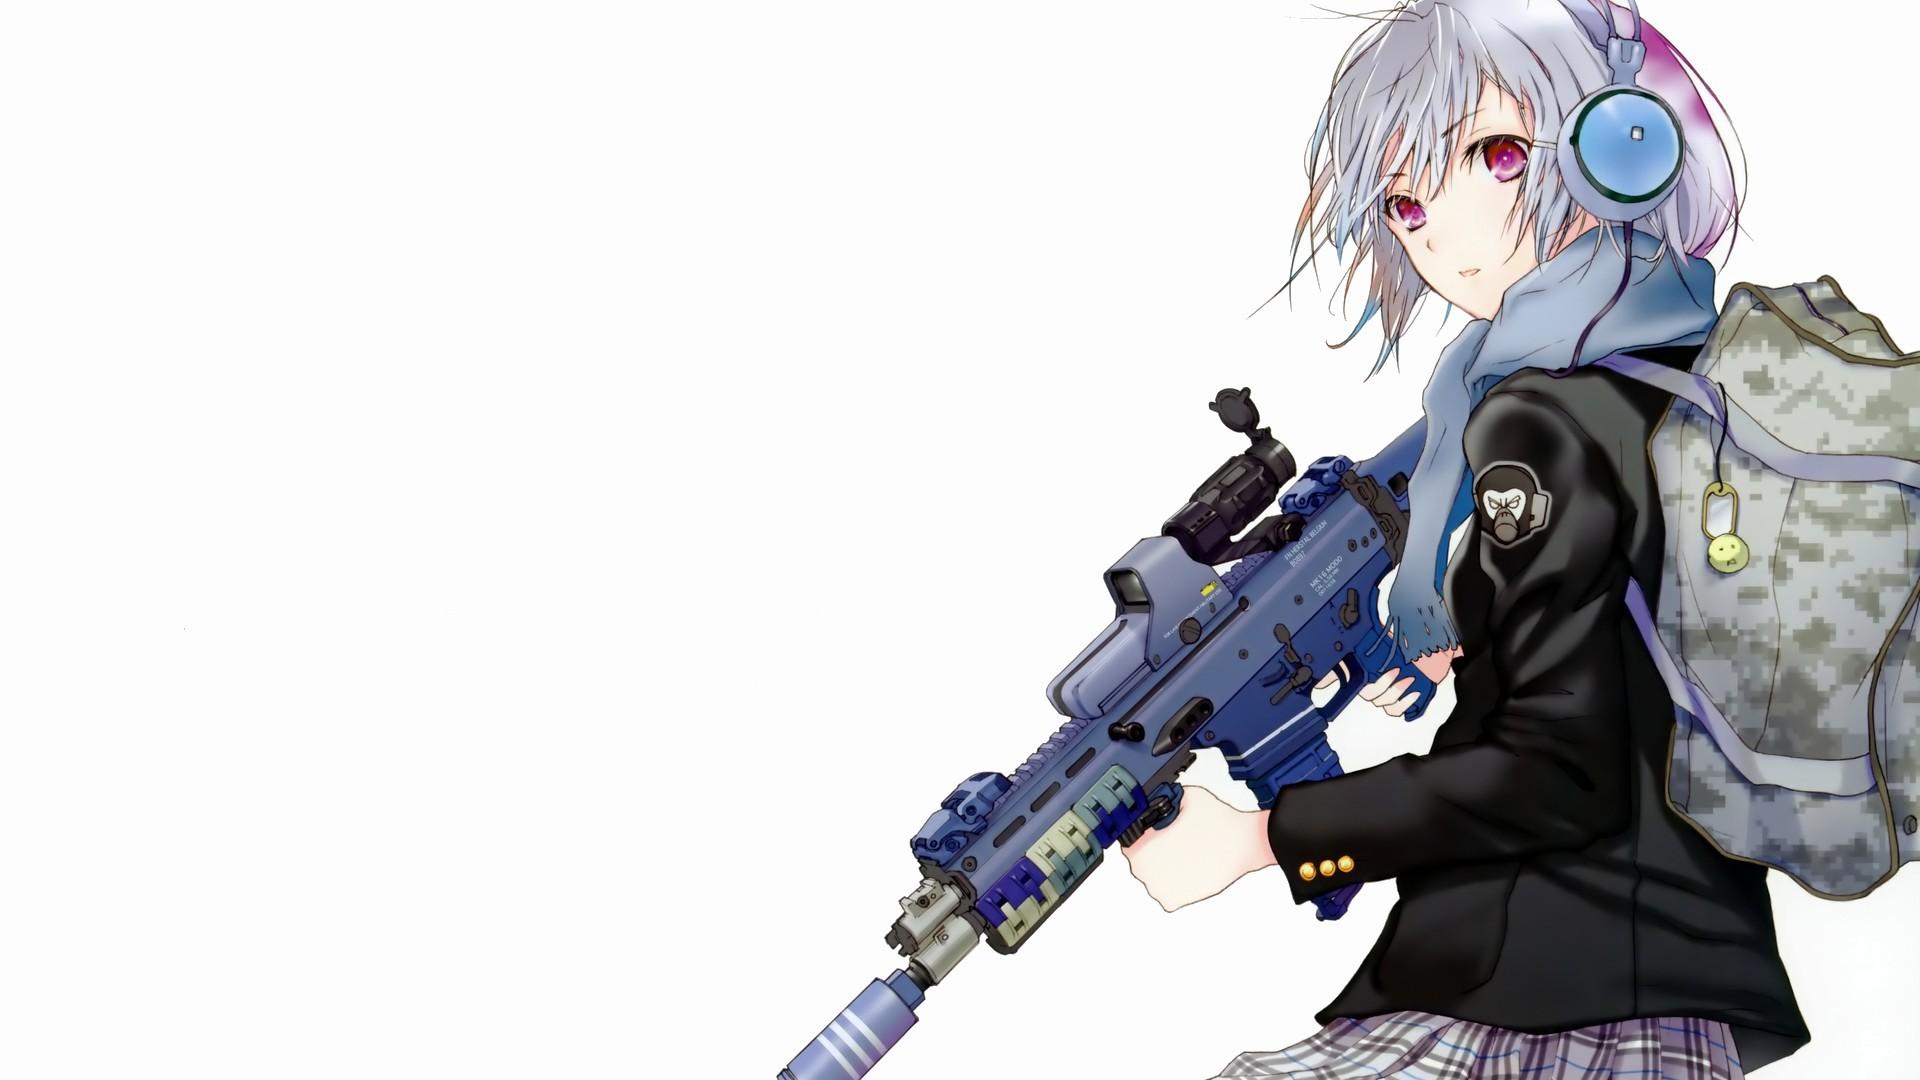 デスクトップ壁紙 銃 単純な背景 白髪 アニメの女の子 武器